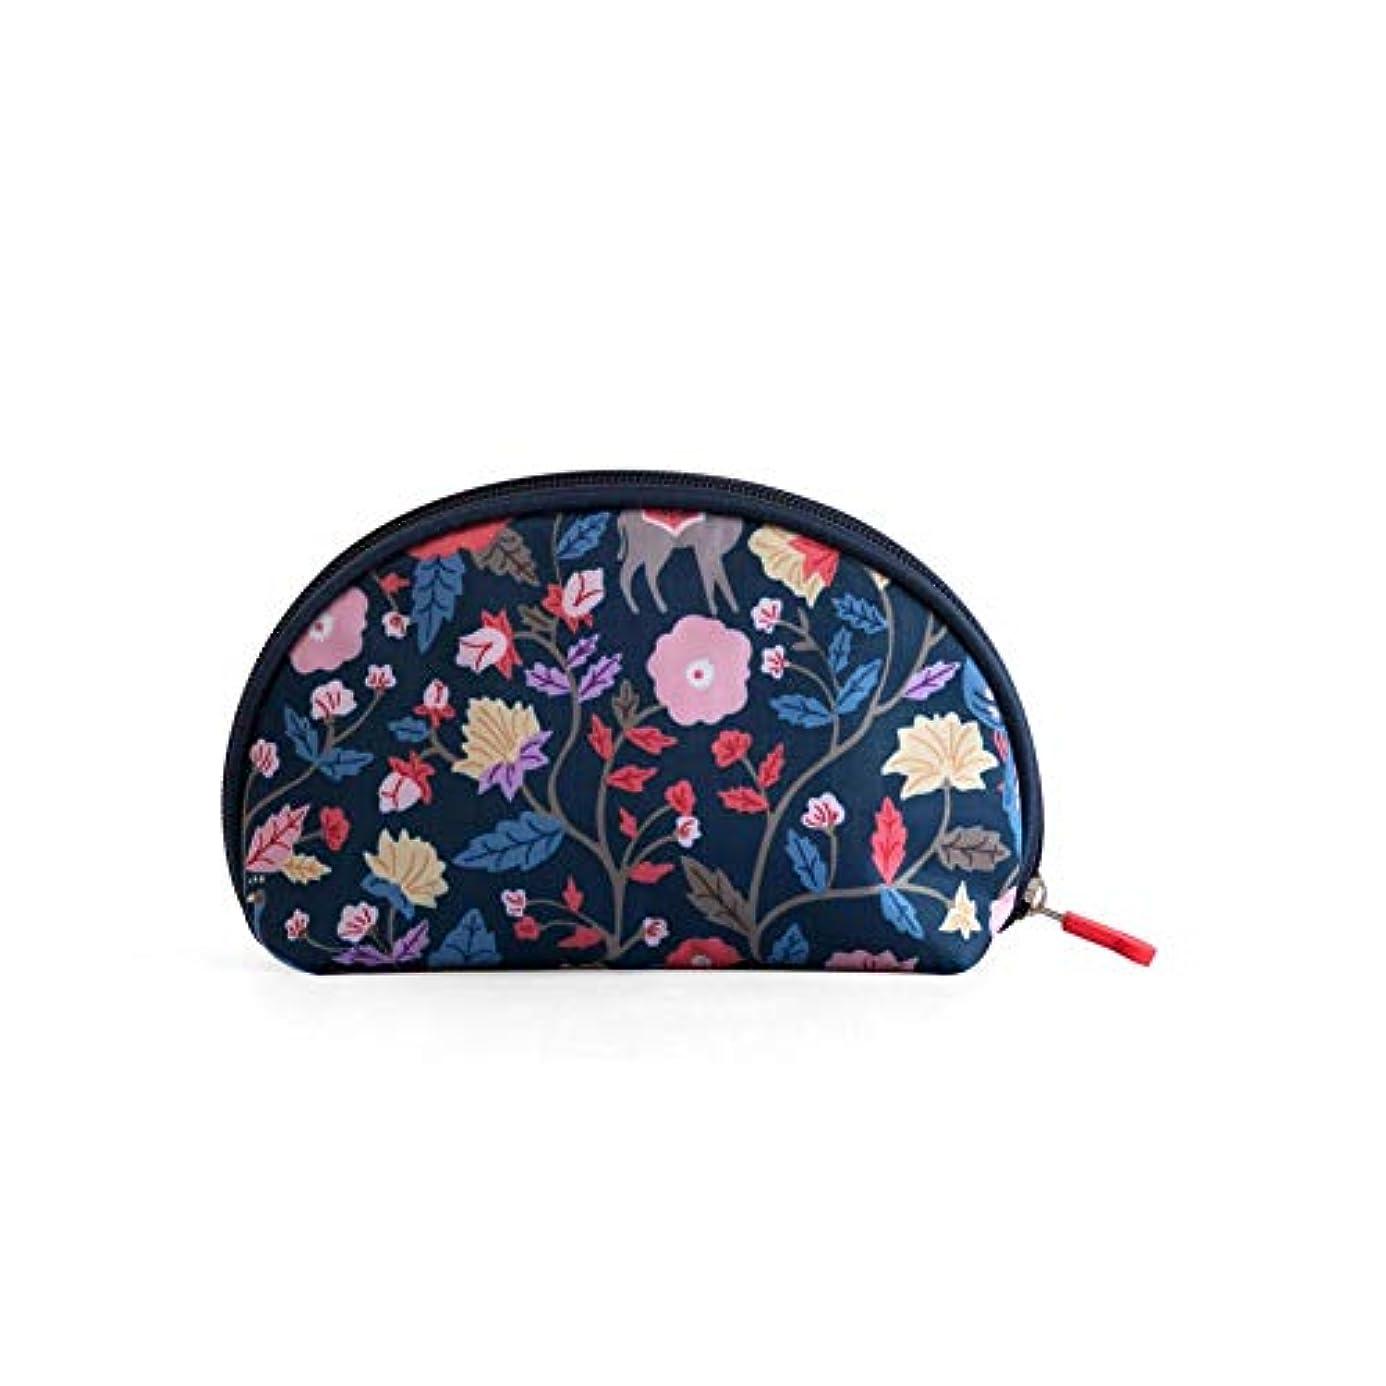 シプリー反対怠なKARRESLY 化粧ポーチ 持ち運びに便利 軽量 防水 メイクボックス 機能的 コスメポーチ 小さめ コンパクト 小物入れ 旅行 トラベル お花見 ブルー